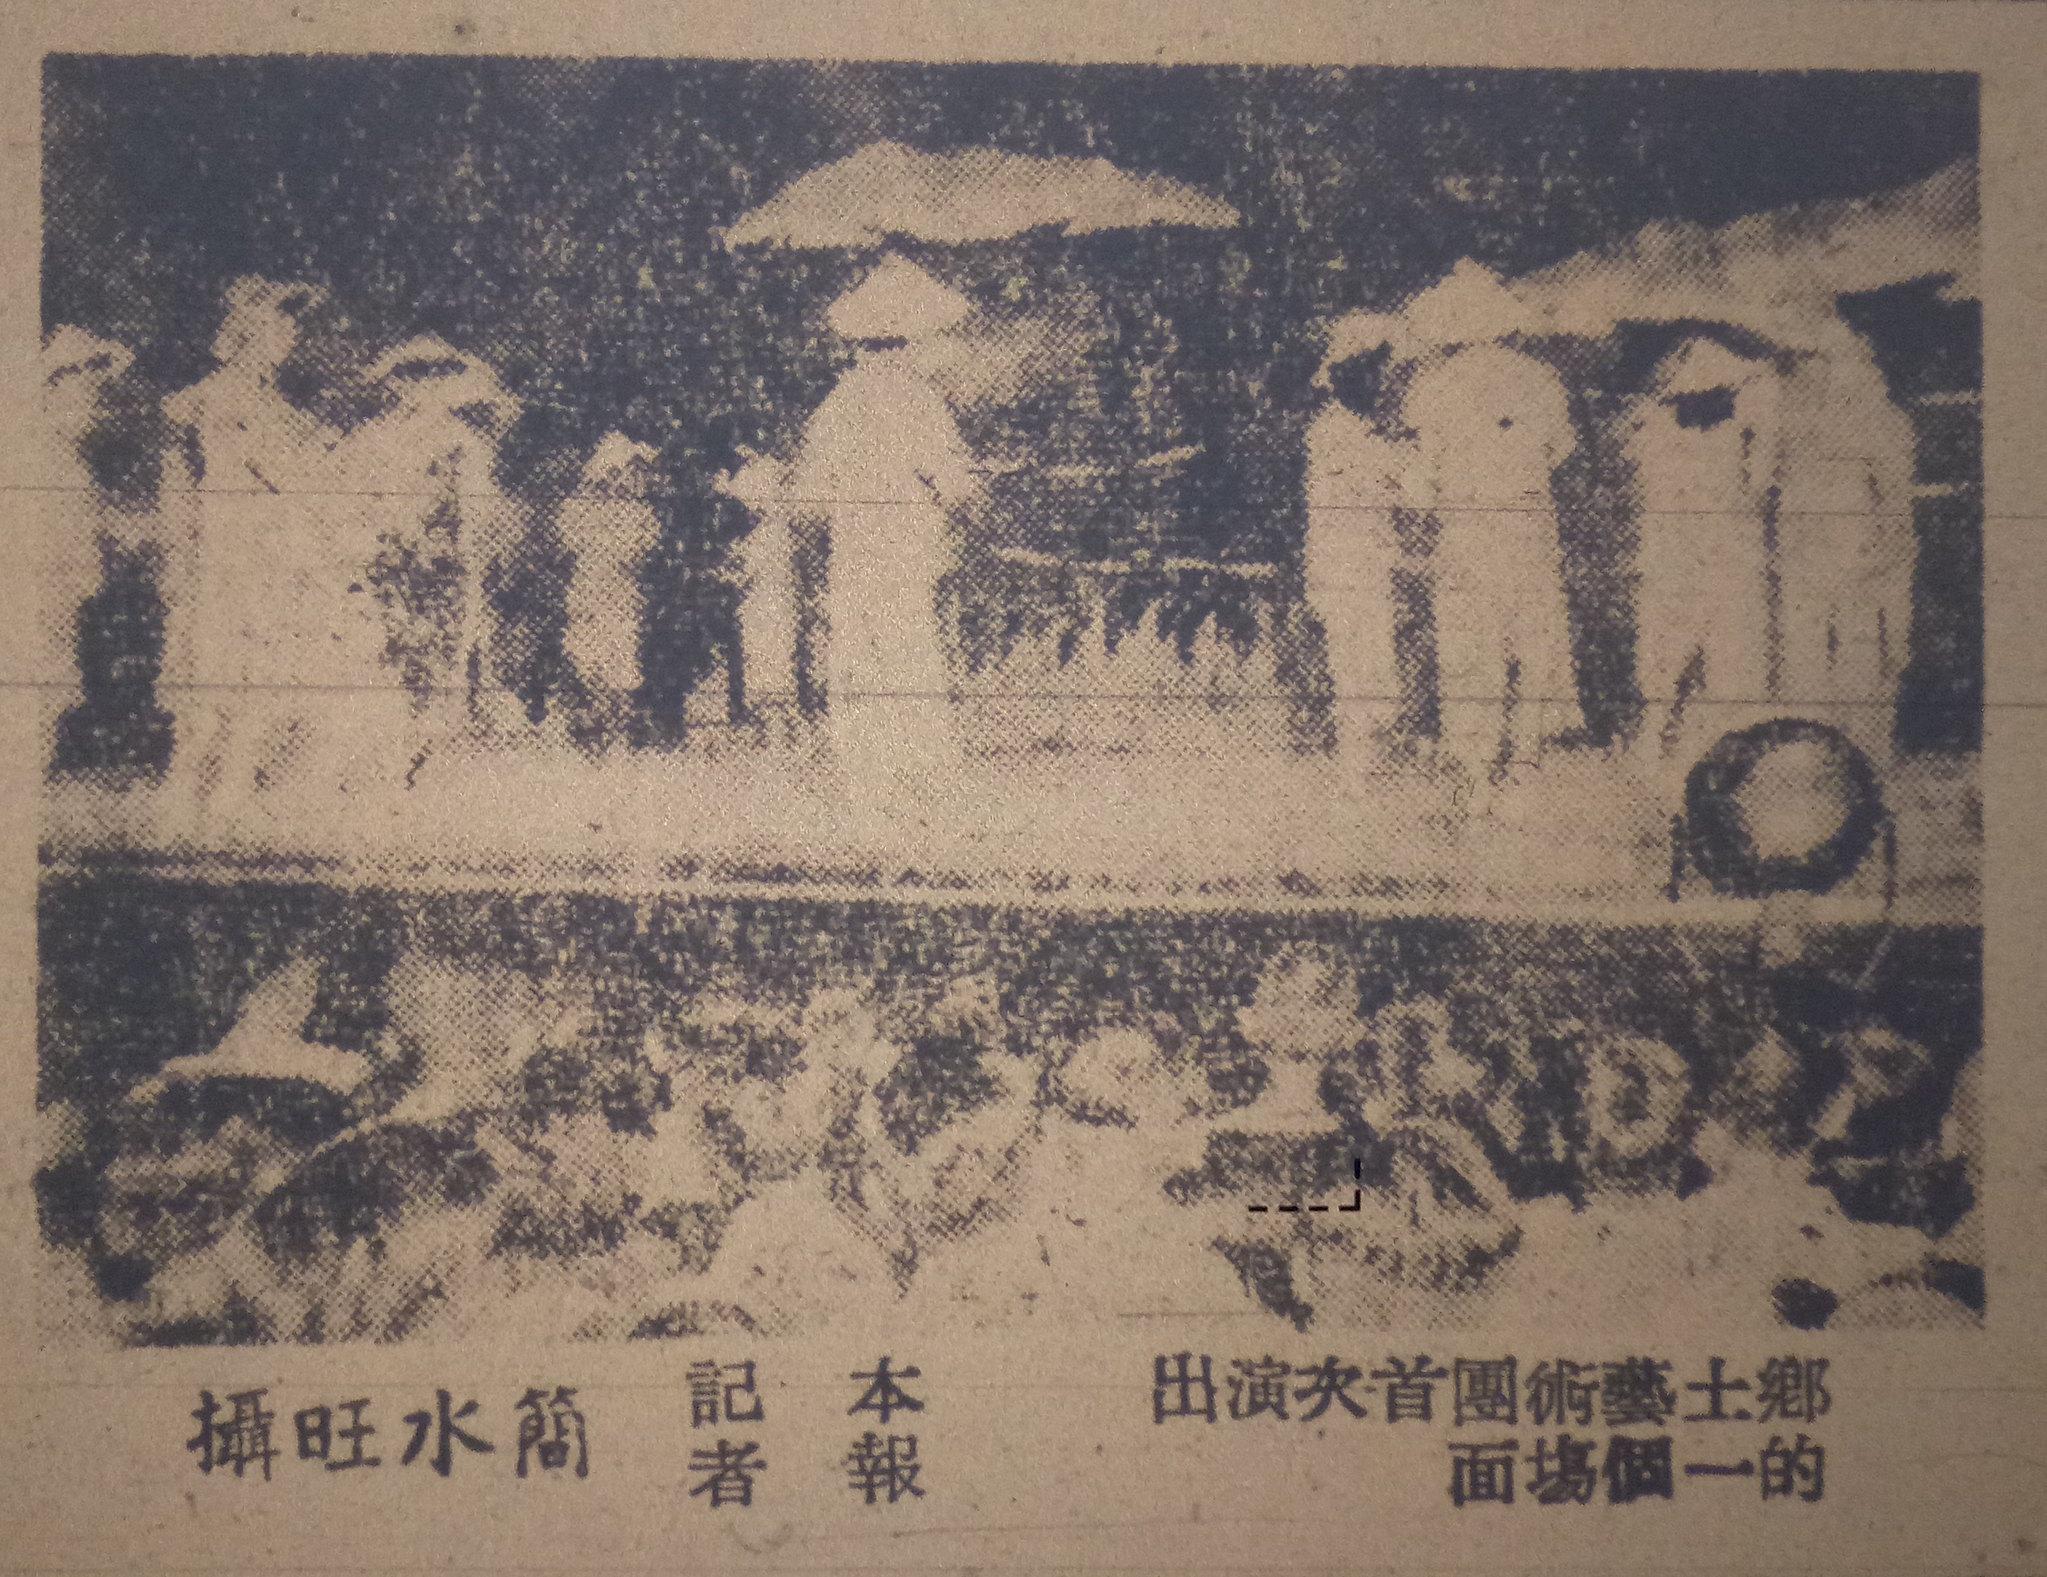 《公论报》对彩立方乡土艺术团公演的报导。